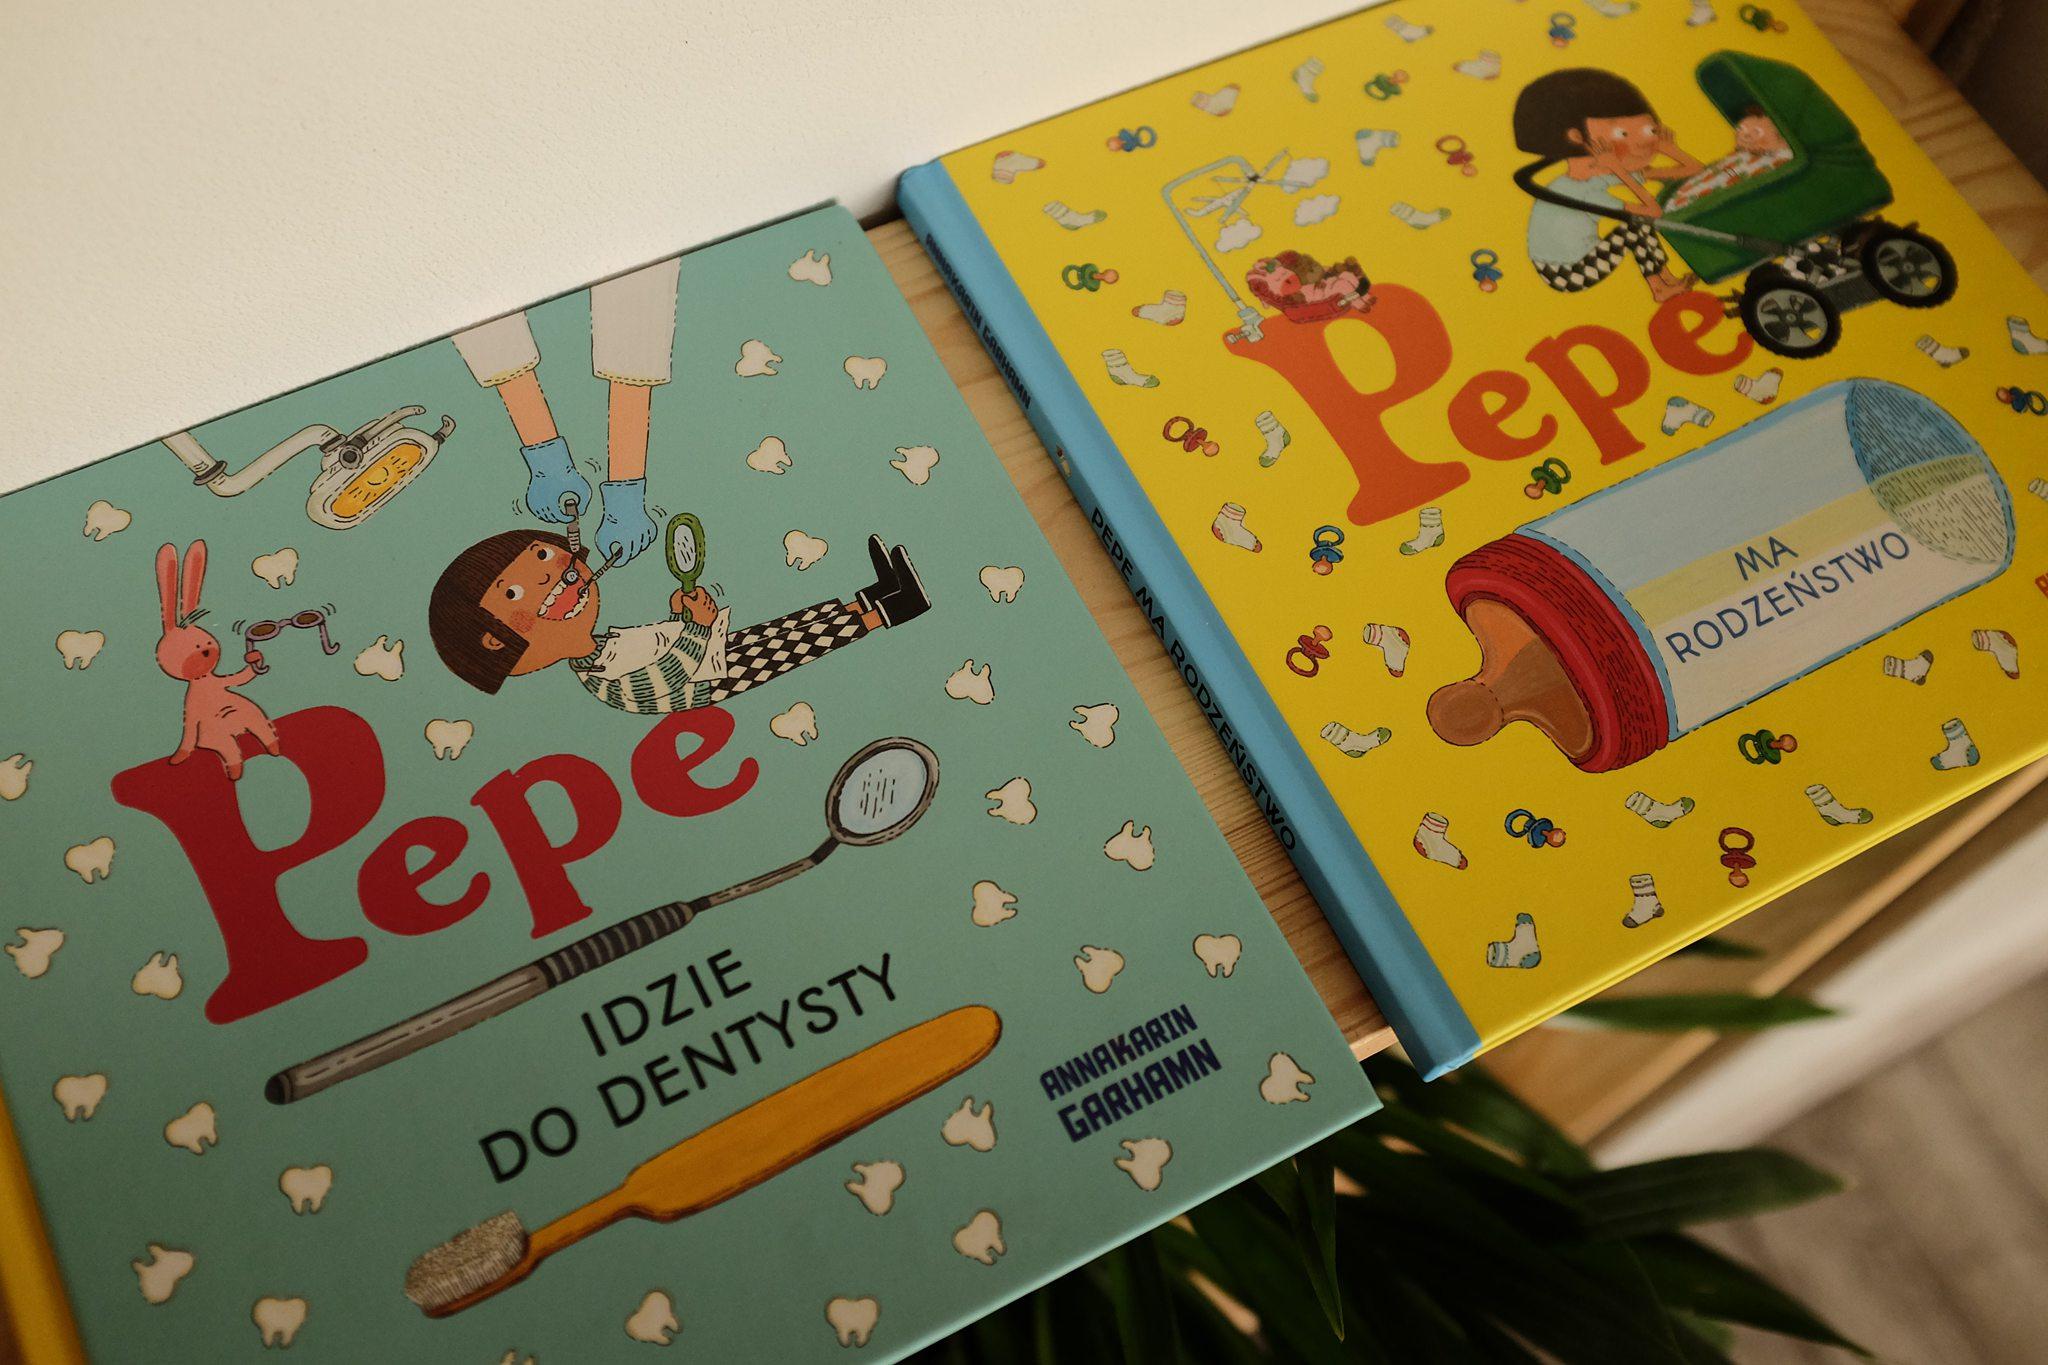 Pepe ma rodzeństwo oraz Pepe idzie do dentysty – recenzja książek dla przedszkolaków